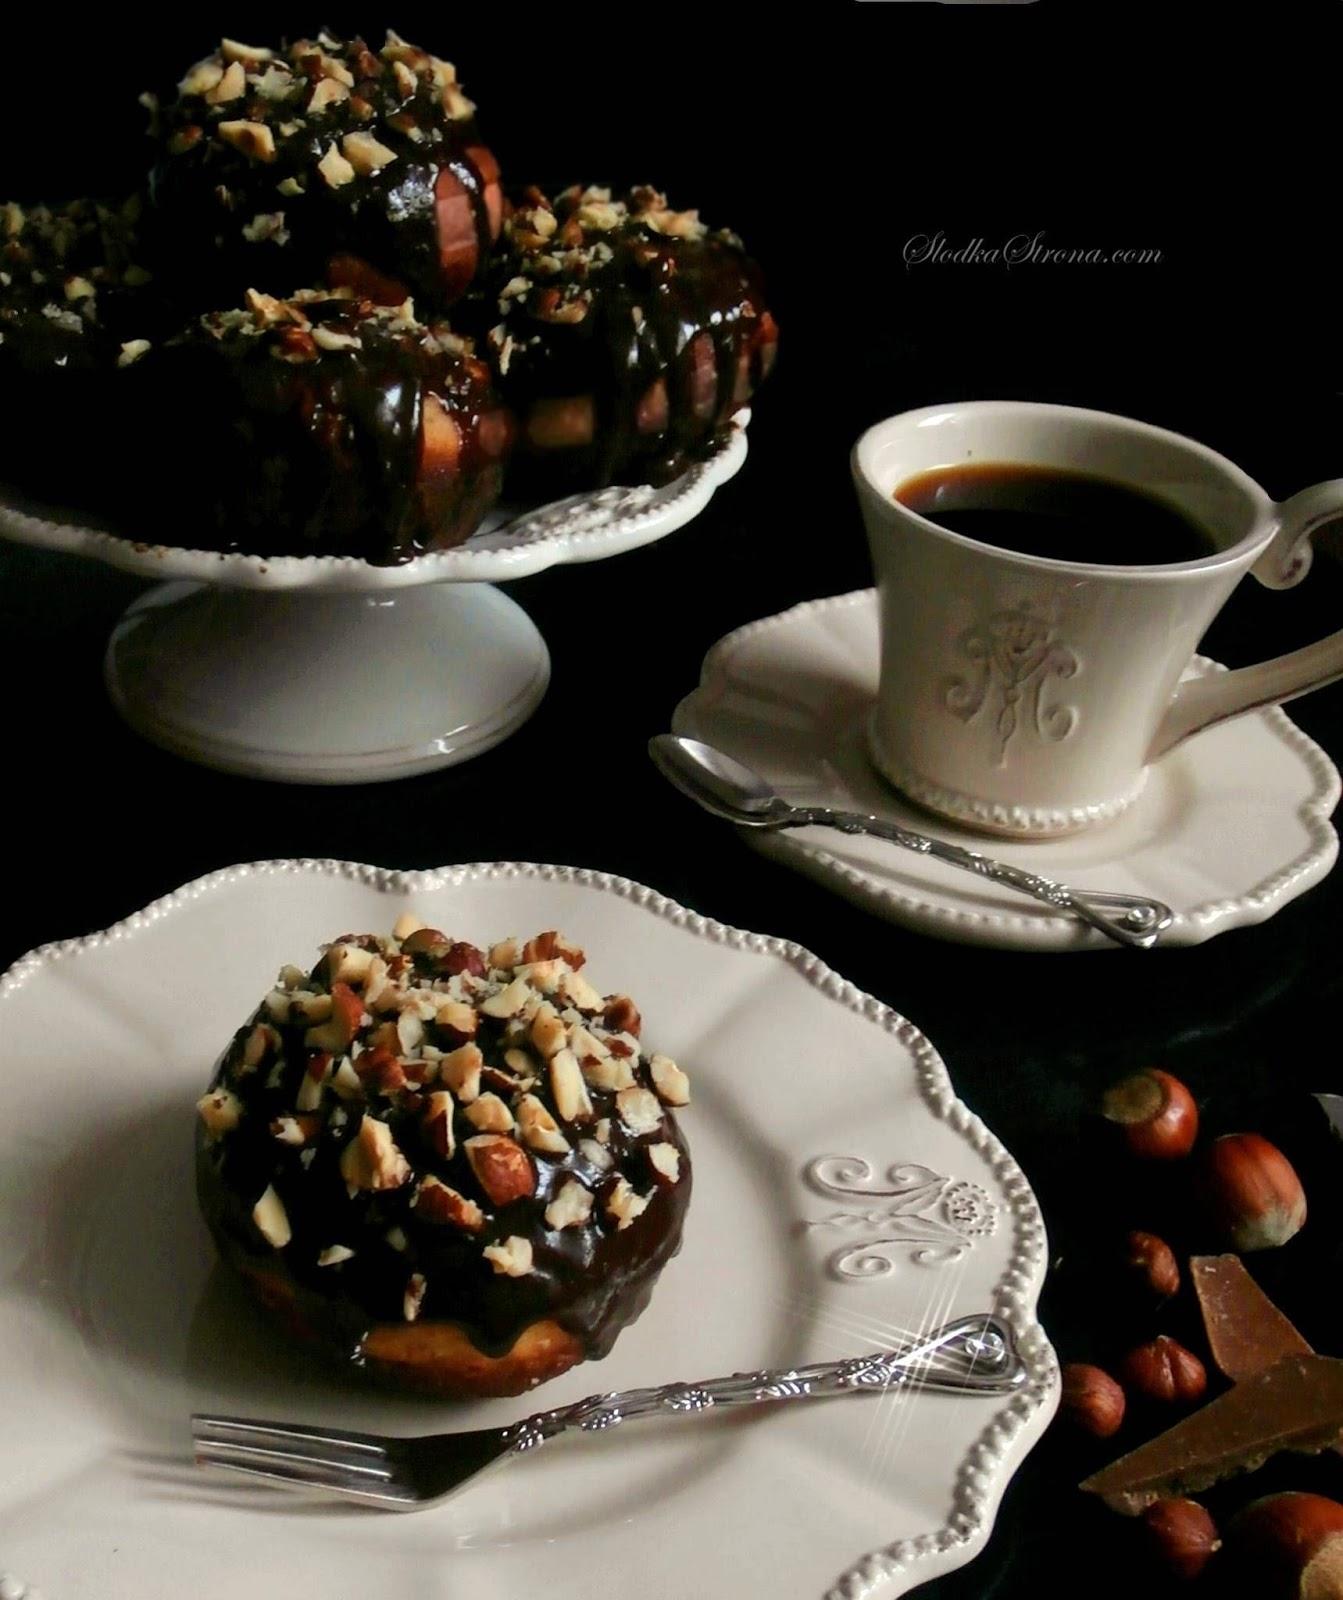 http://www.slodkastrona.com/2015/02/paczki-z-nutella-czekoladowa-polewa-i.html